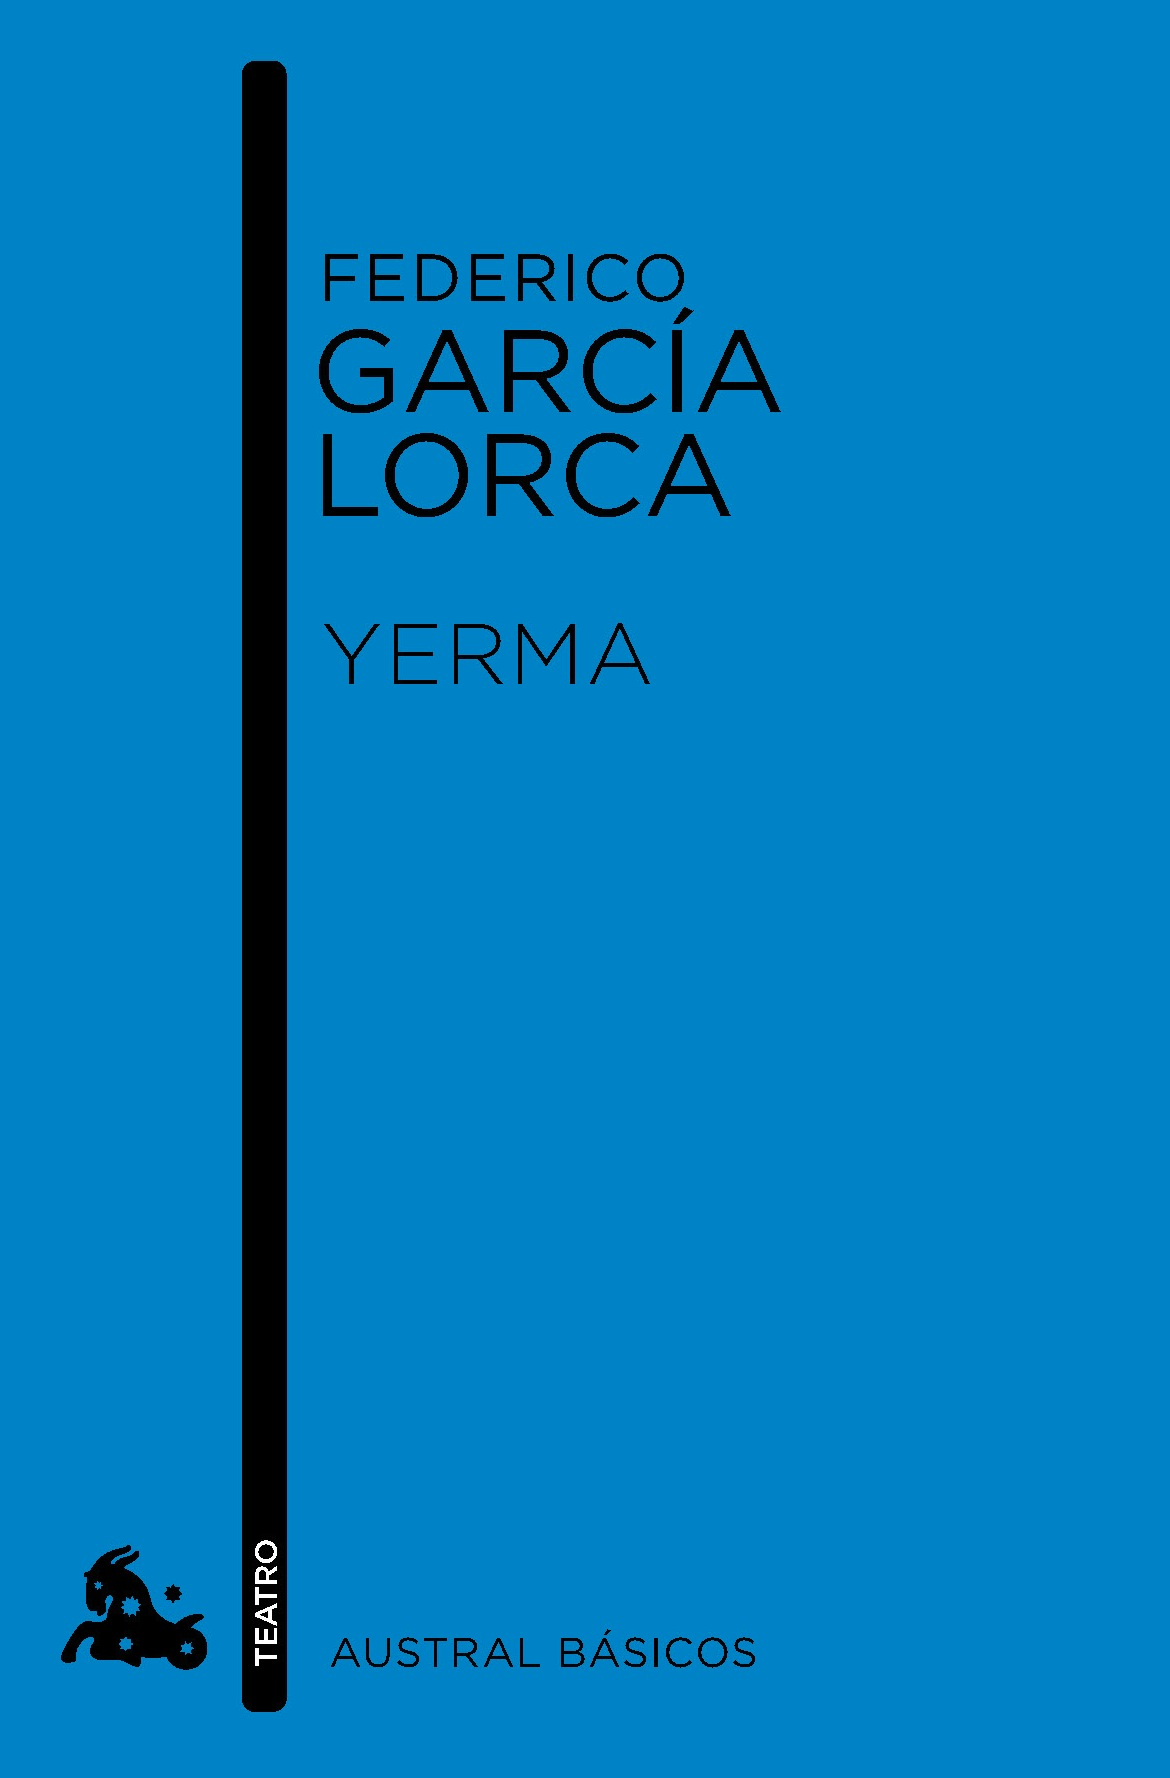 yerma by federico garcia lorca planning the Federico garcía lorca ha sido el poeta y dramaturgo español más importante del siglo xx ha desempeñado un papel fundamental en la generación del 27 siendo el autor español más traducido de este siglo.